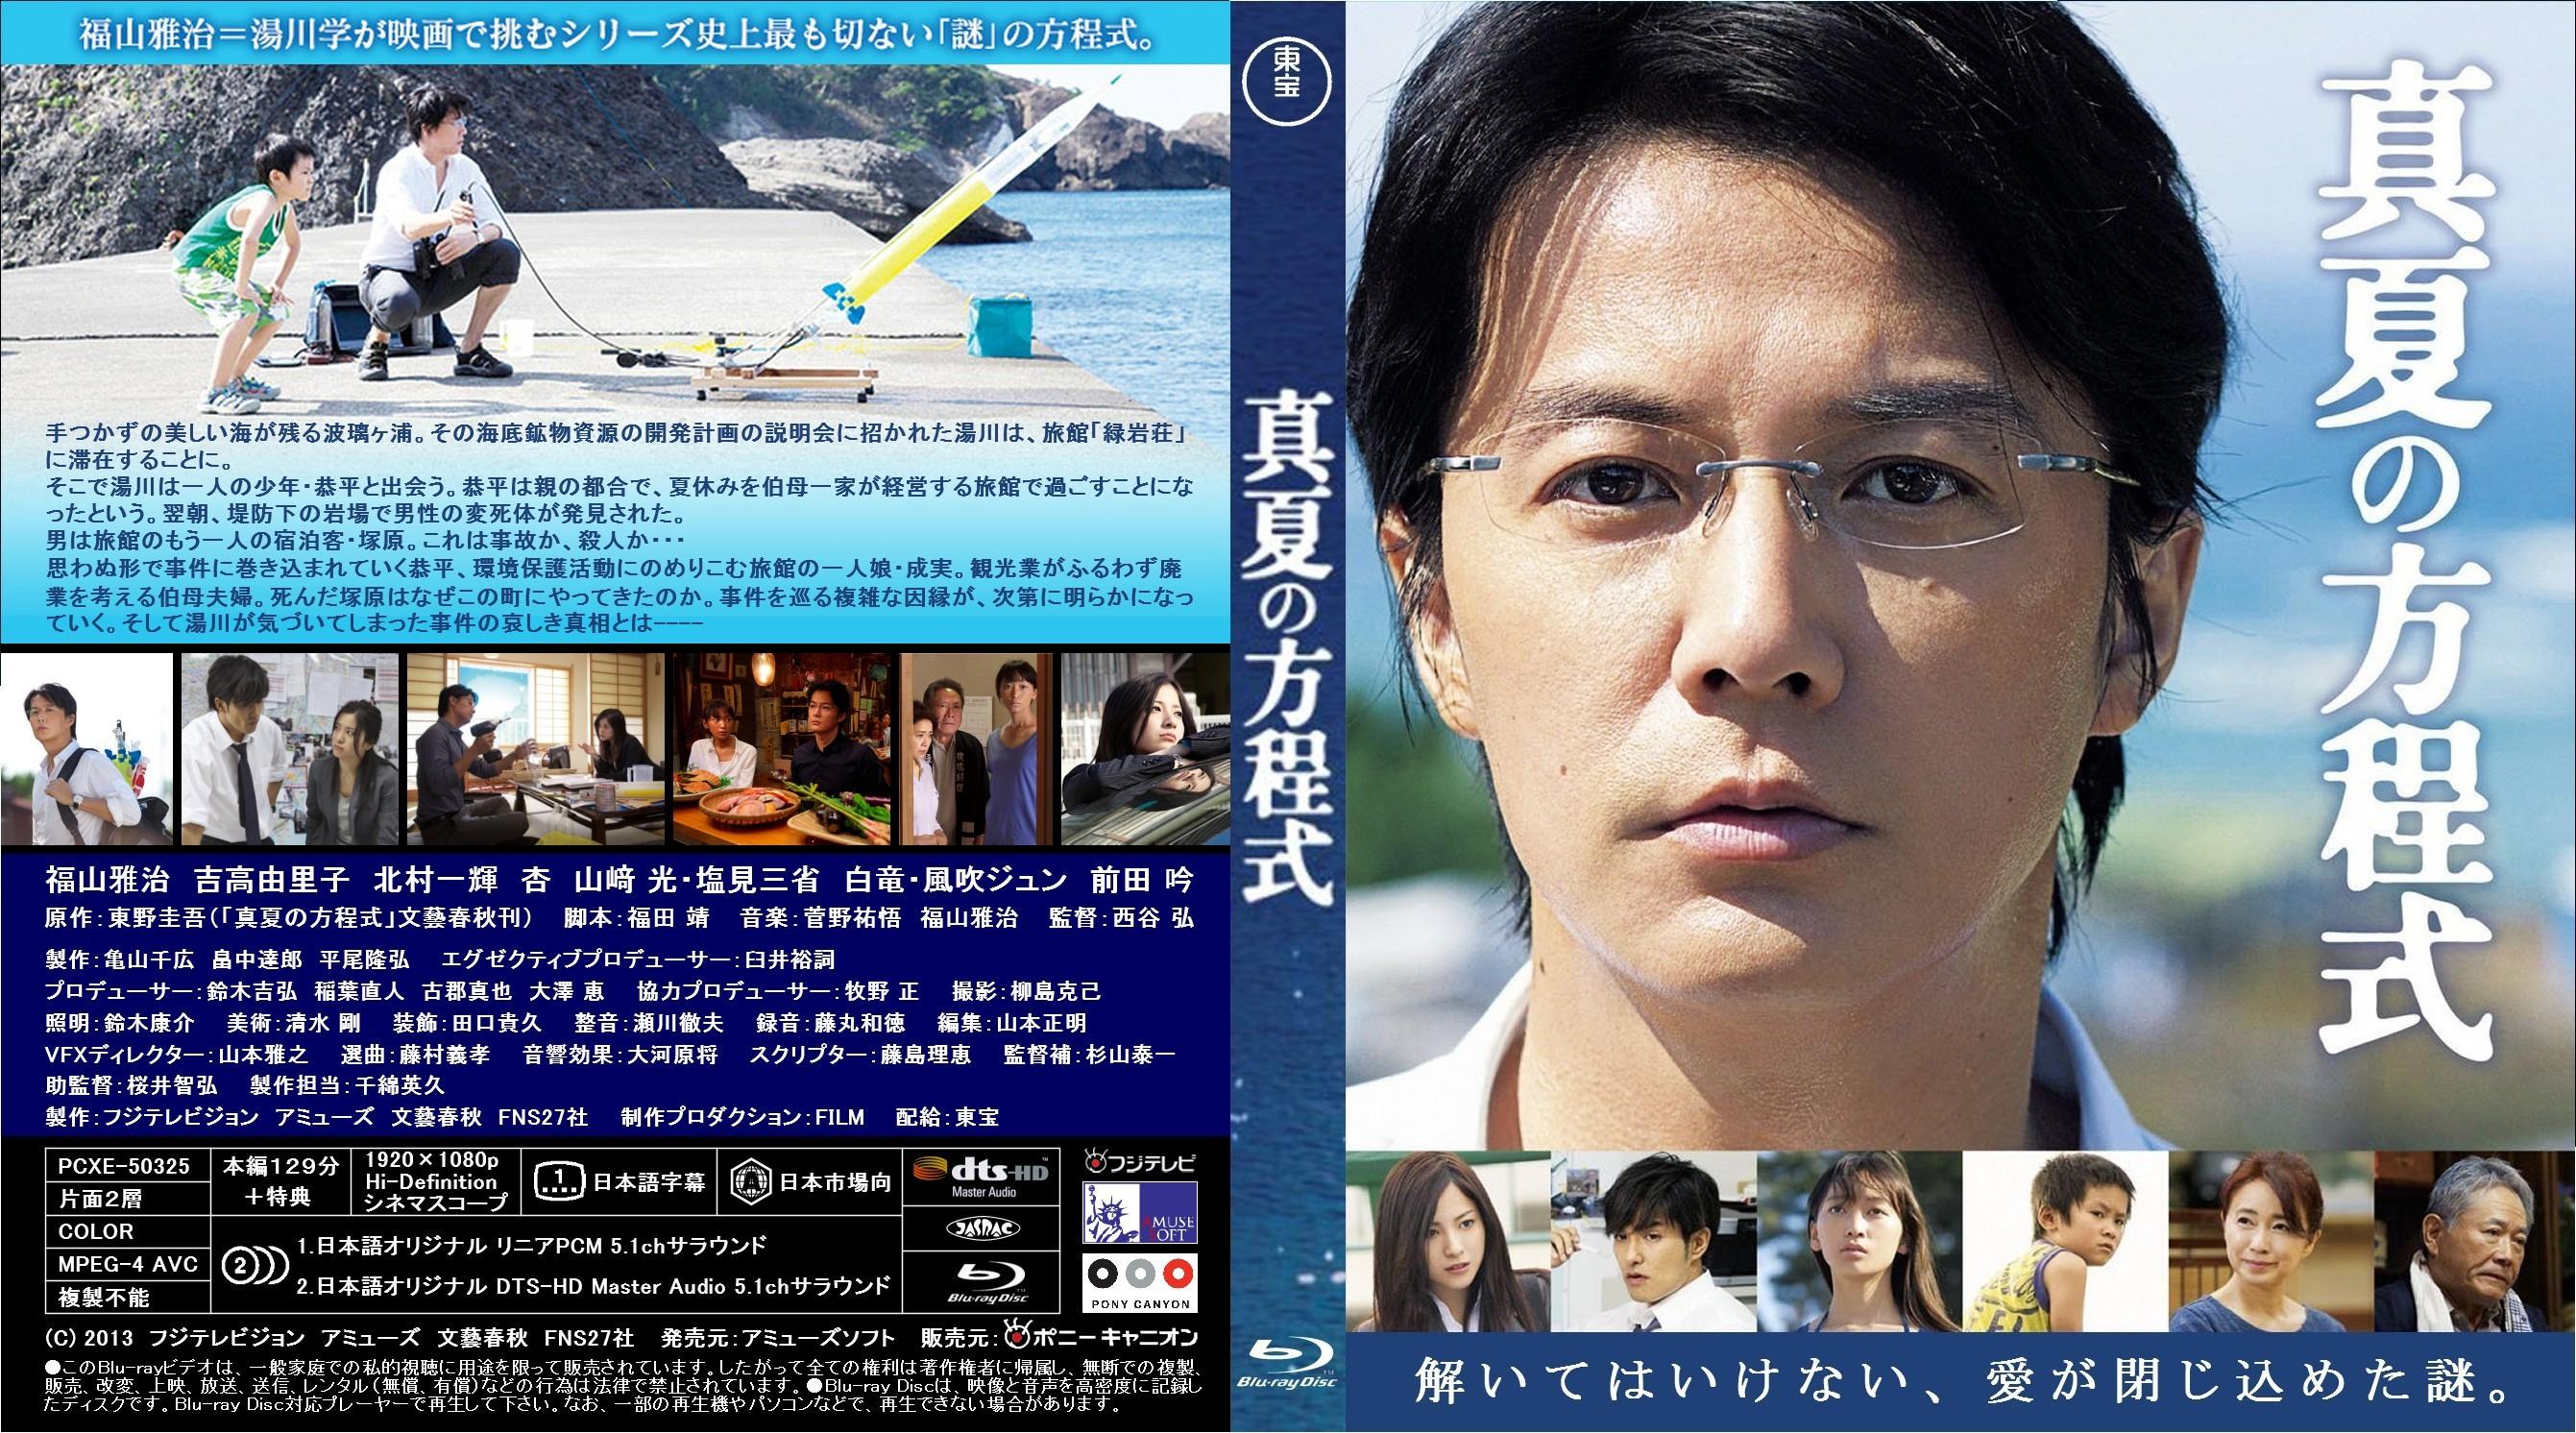 MANATSU_NO_HOUTEISHIKI.jpg